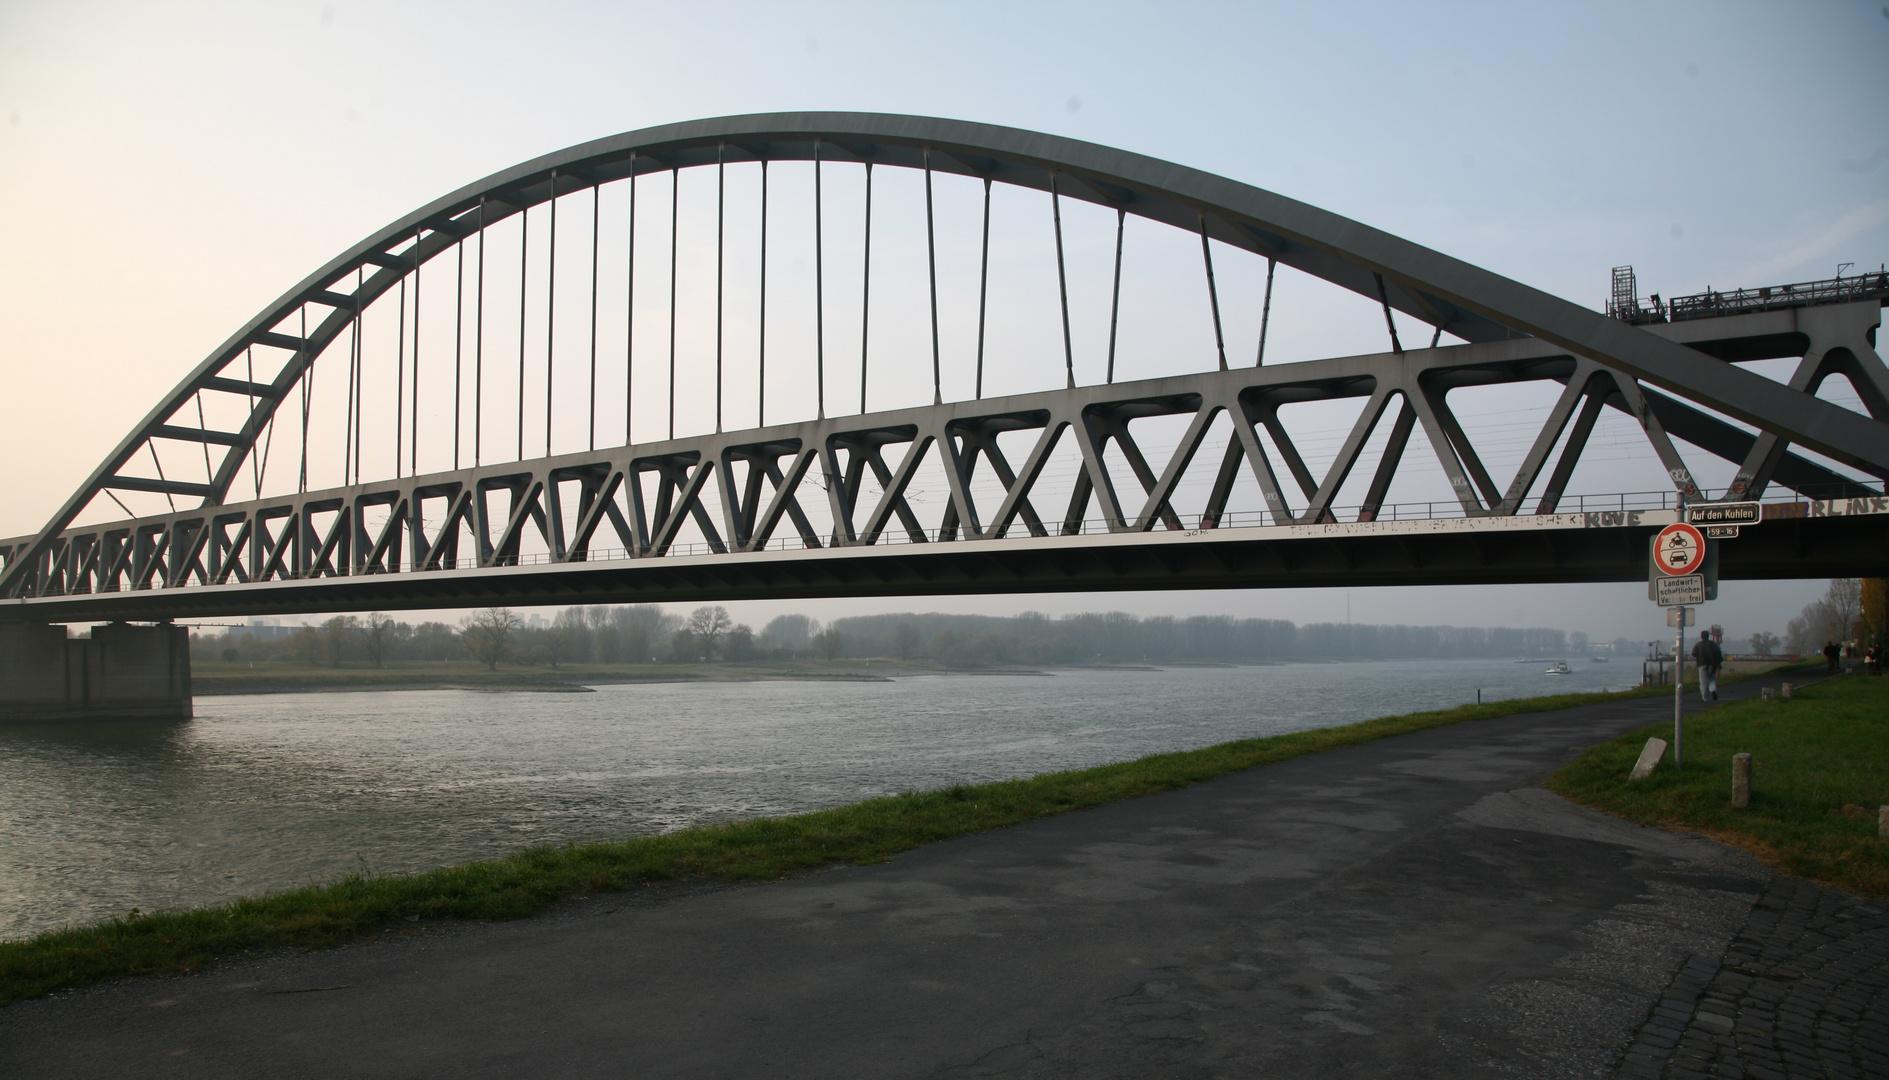 Eisenbahnbrücke Düsseldorf-Hamm